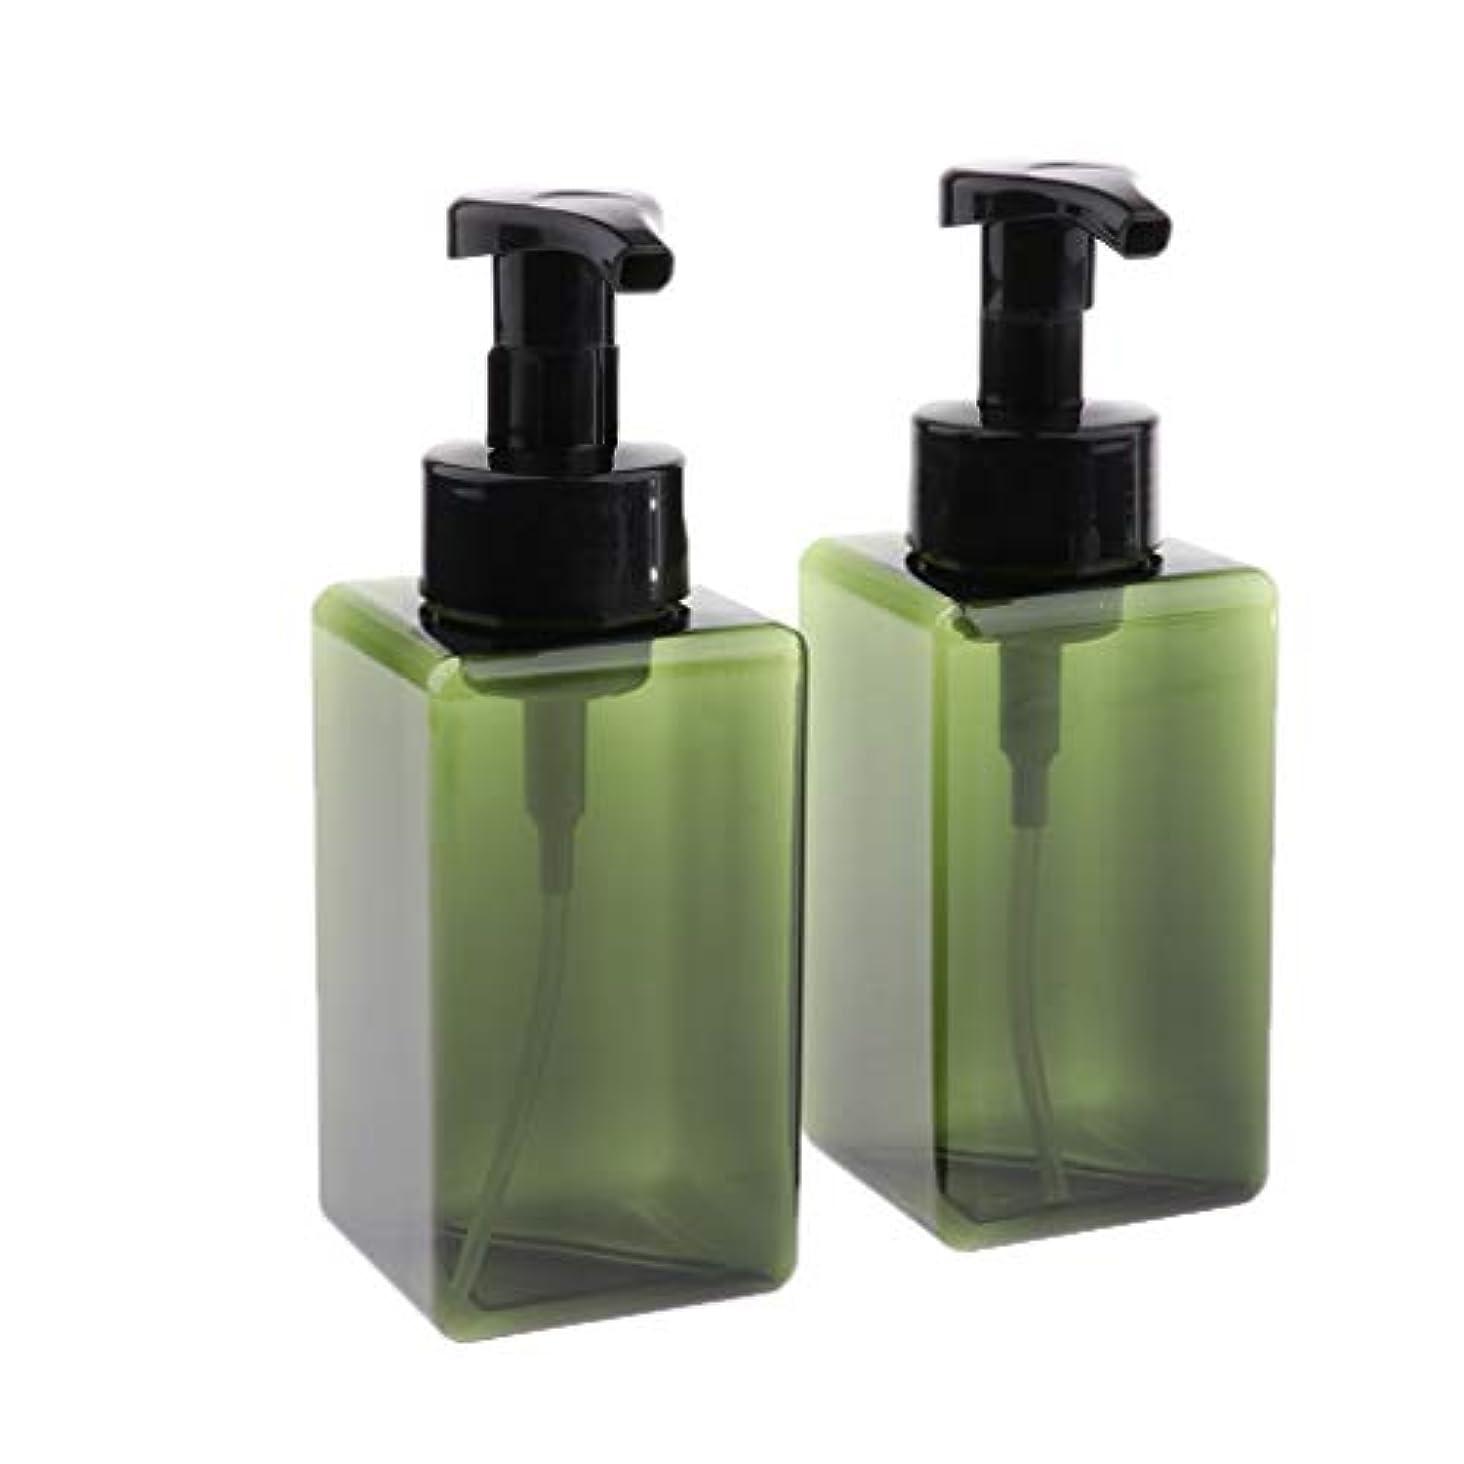 CUTICATE 2個 450ml 小分けボトル 泡ポンプボトル 空ボトル ディスペンサー 詰め替え容器 旅行ボトル 全6色 - 緑